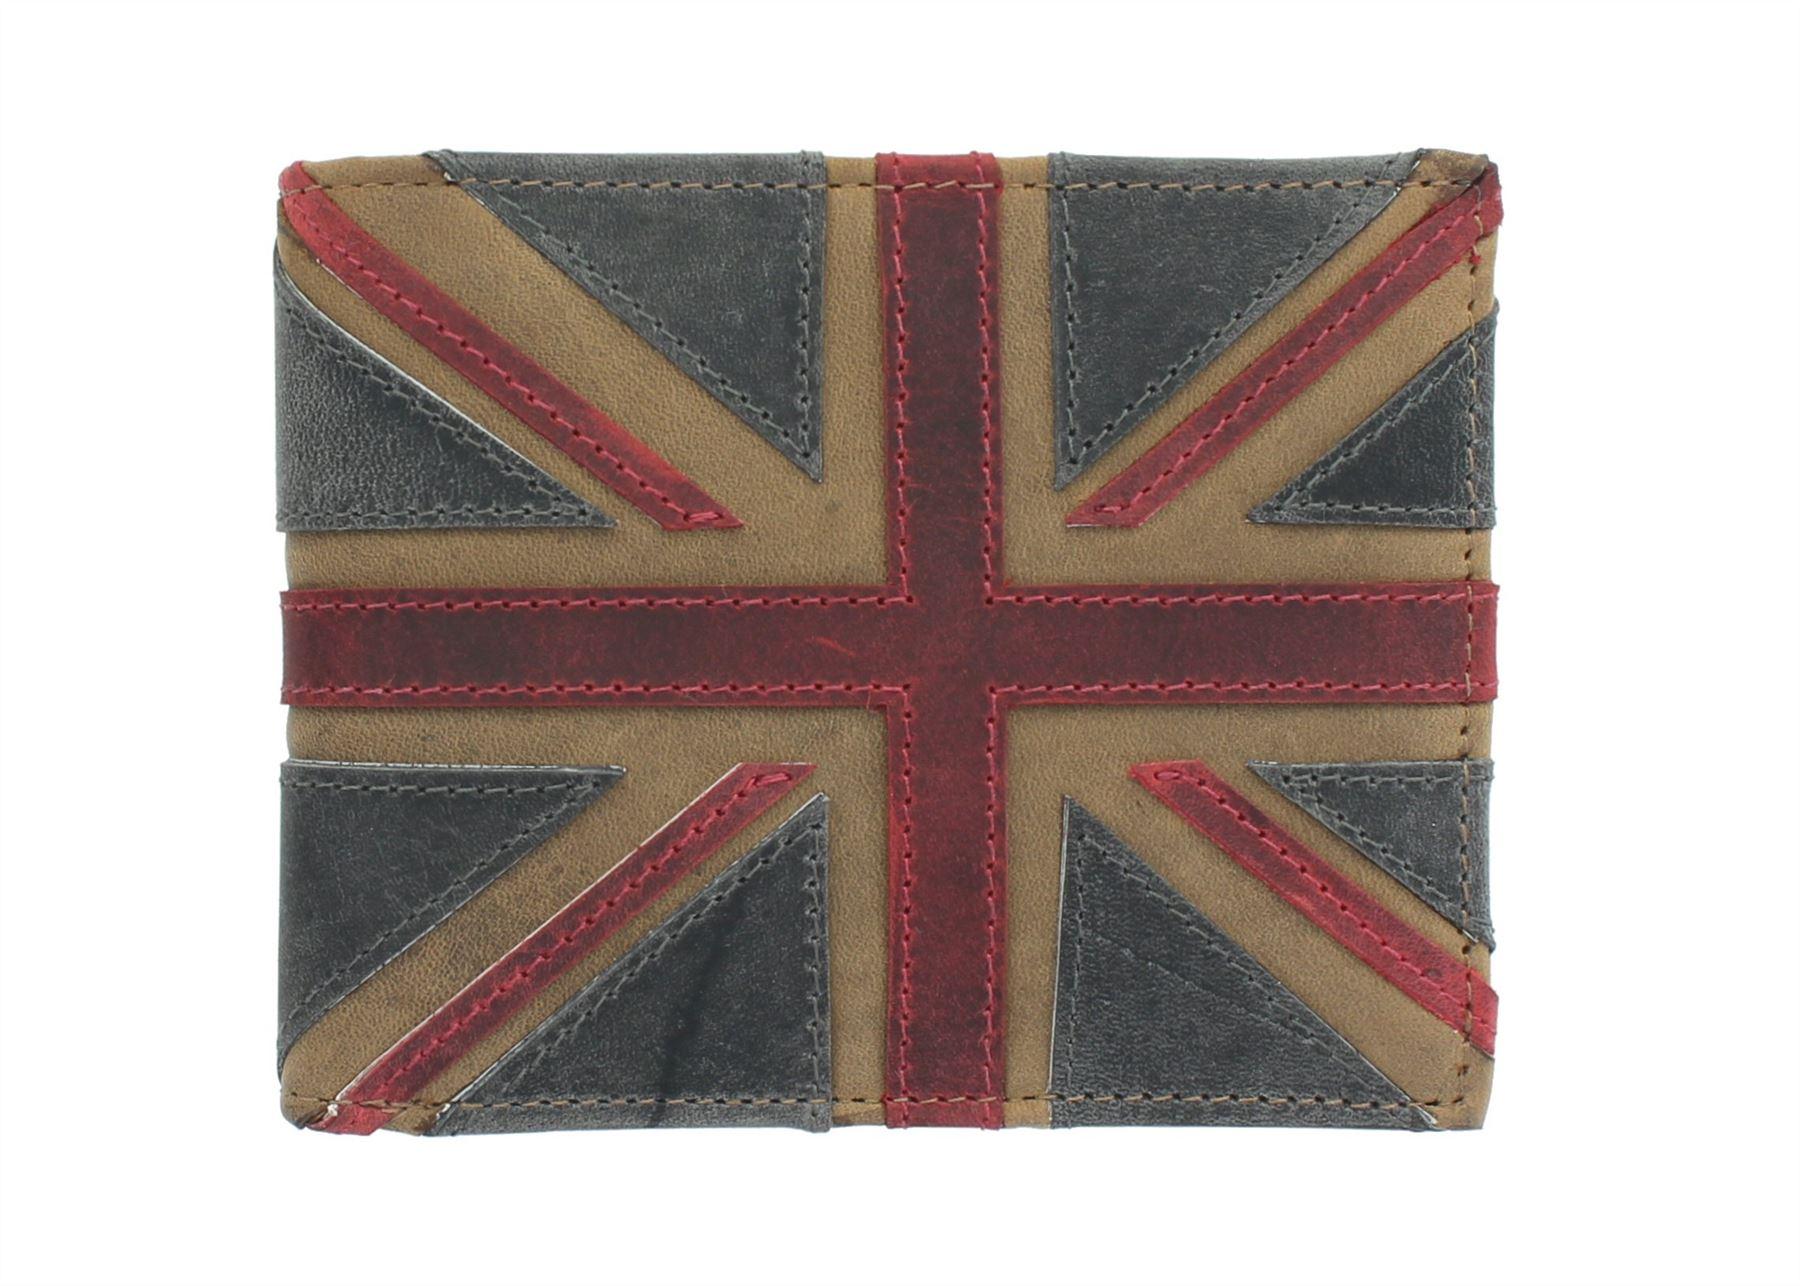 Mala en Cuir UNION JACK COLLECTION en cuir portefeuille RFID Bloquant 197 /_ 29